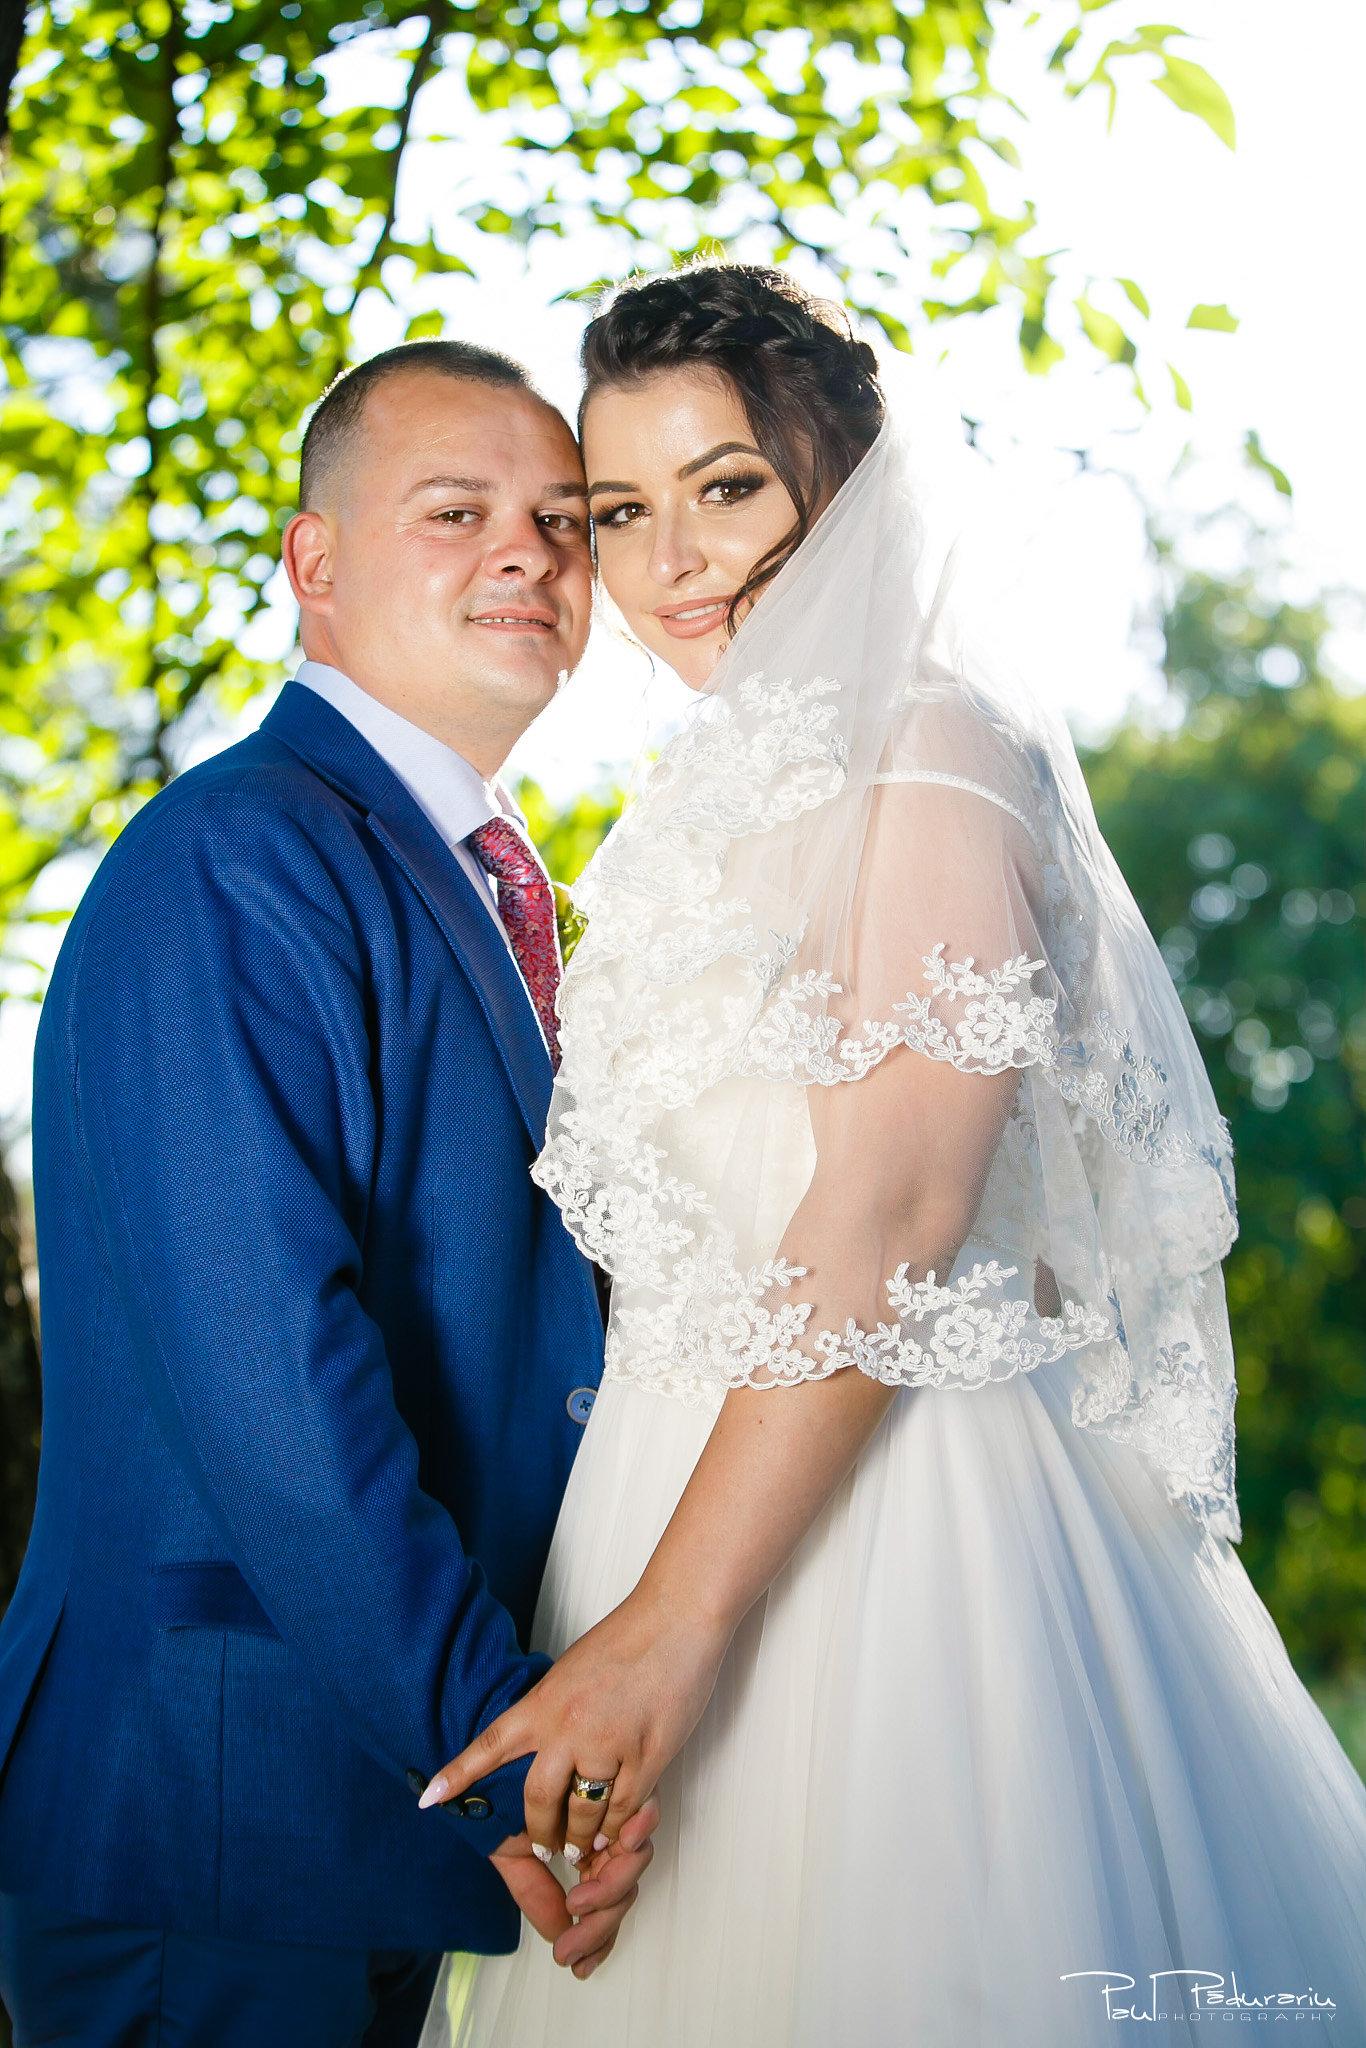 Sedinta foto nunta iasi fotograf profesionist paul padurariu - nunta la Castel Ana-Maria si Marius www.paulpadurariu.ro © 2018 Paul Padurariu 5